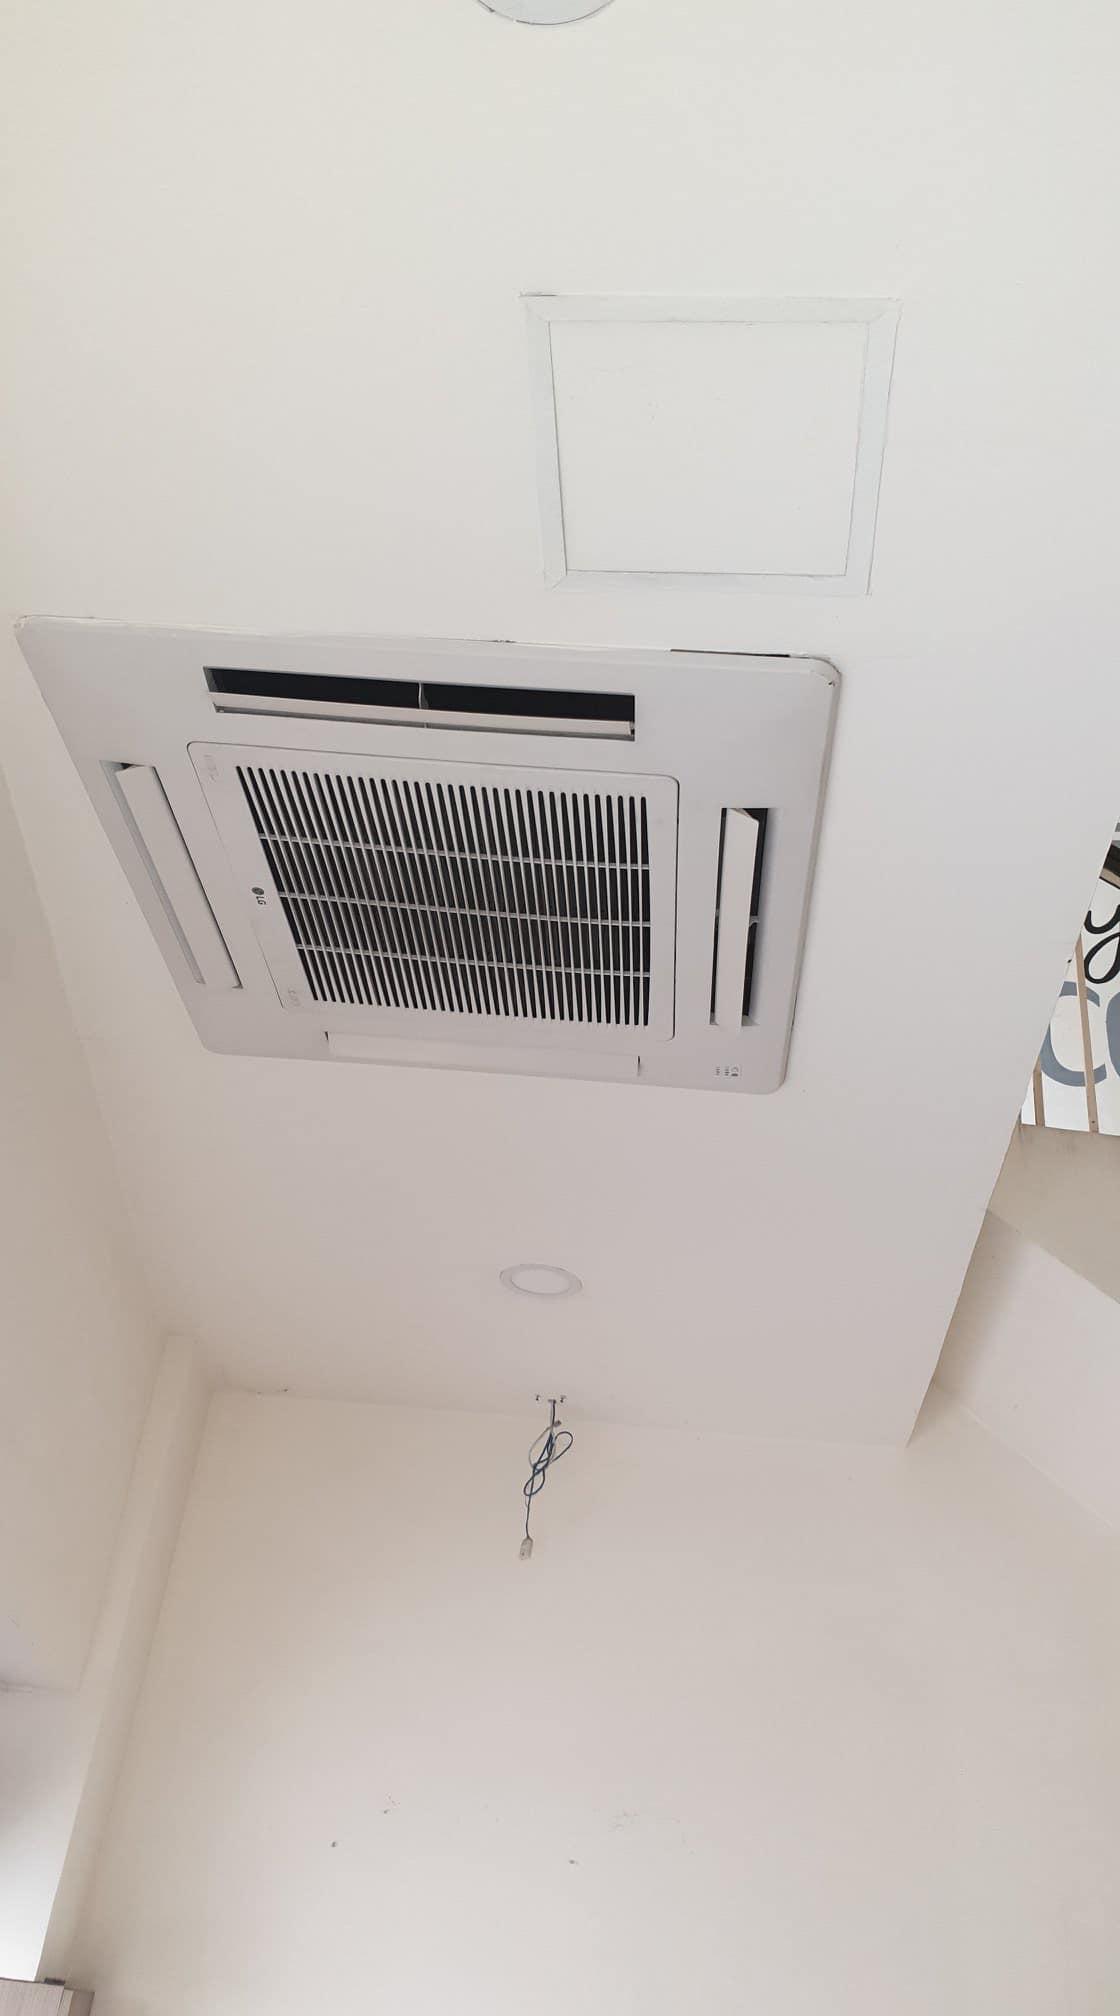 Thanh lý máy lạnh âm trần LG 4HP